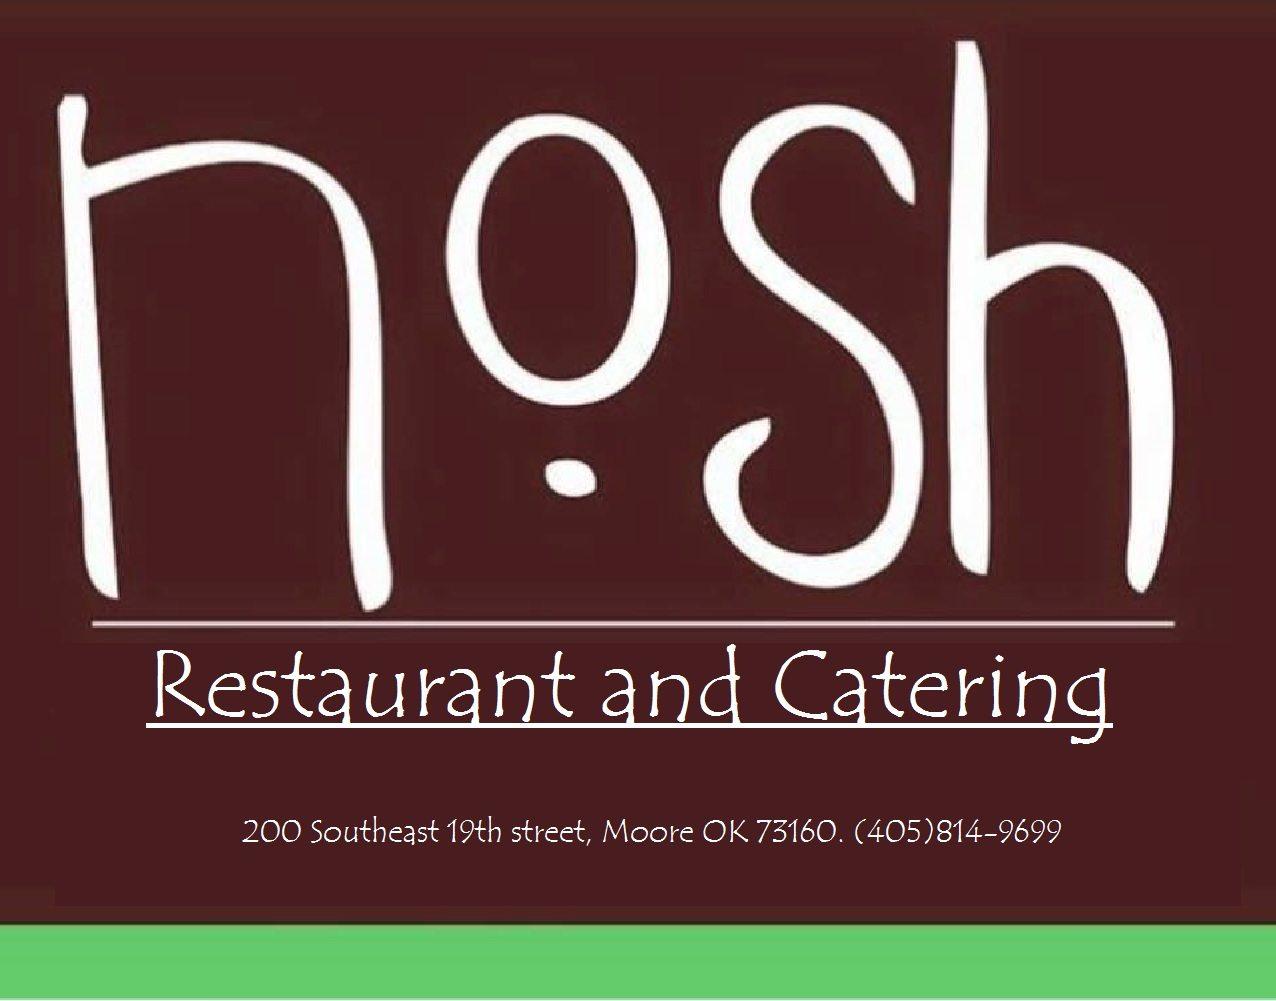 NOSH new logo